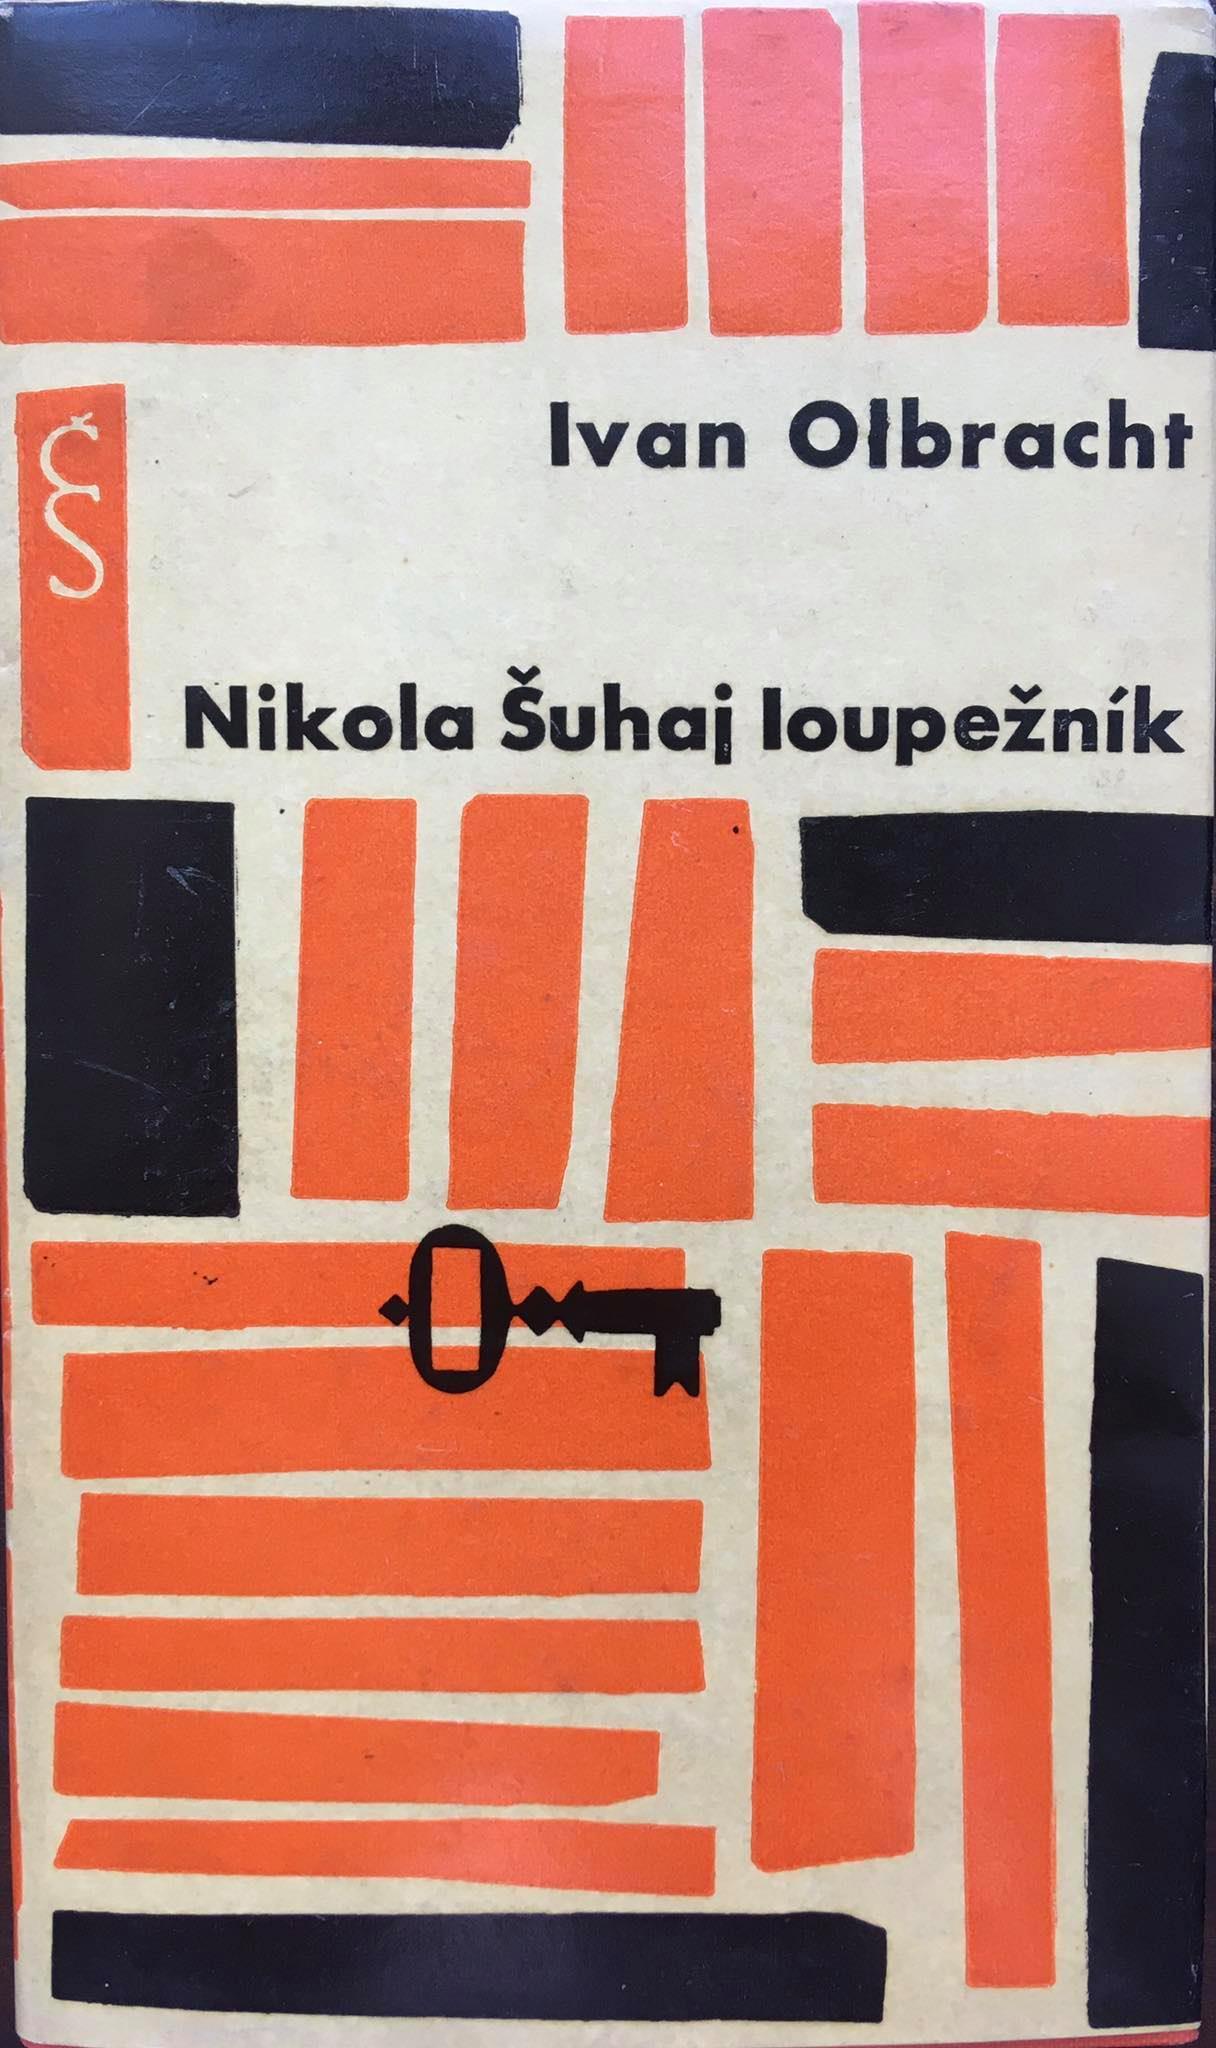 Nikola Šuhaj loupežník, Ivan Olbracht